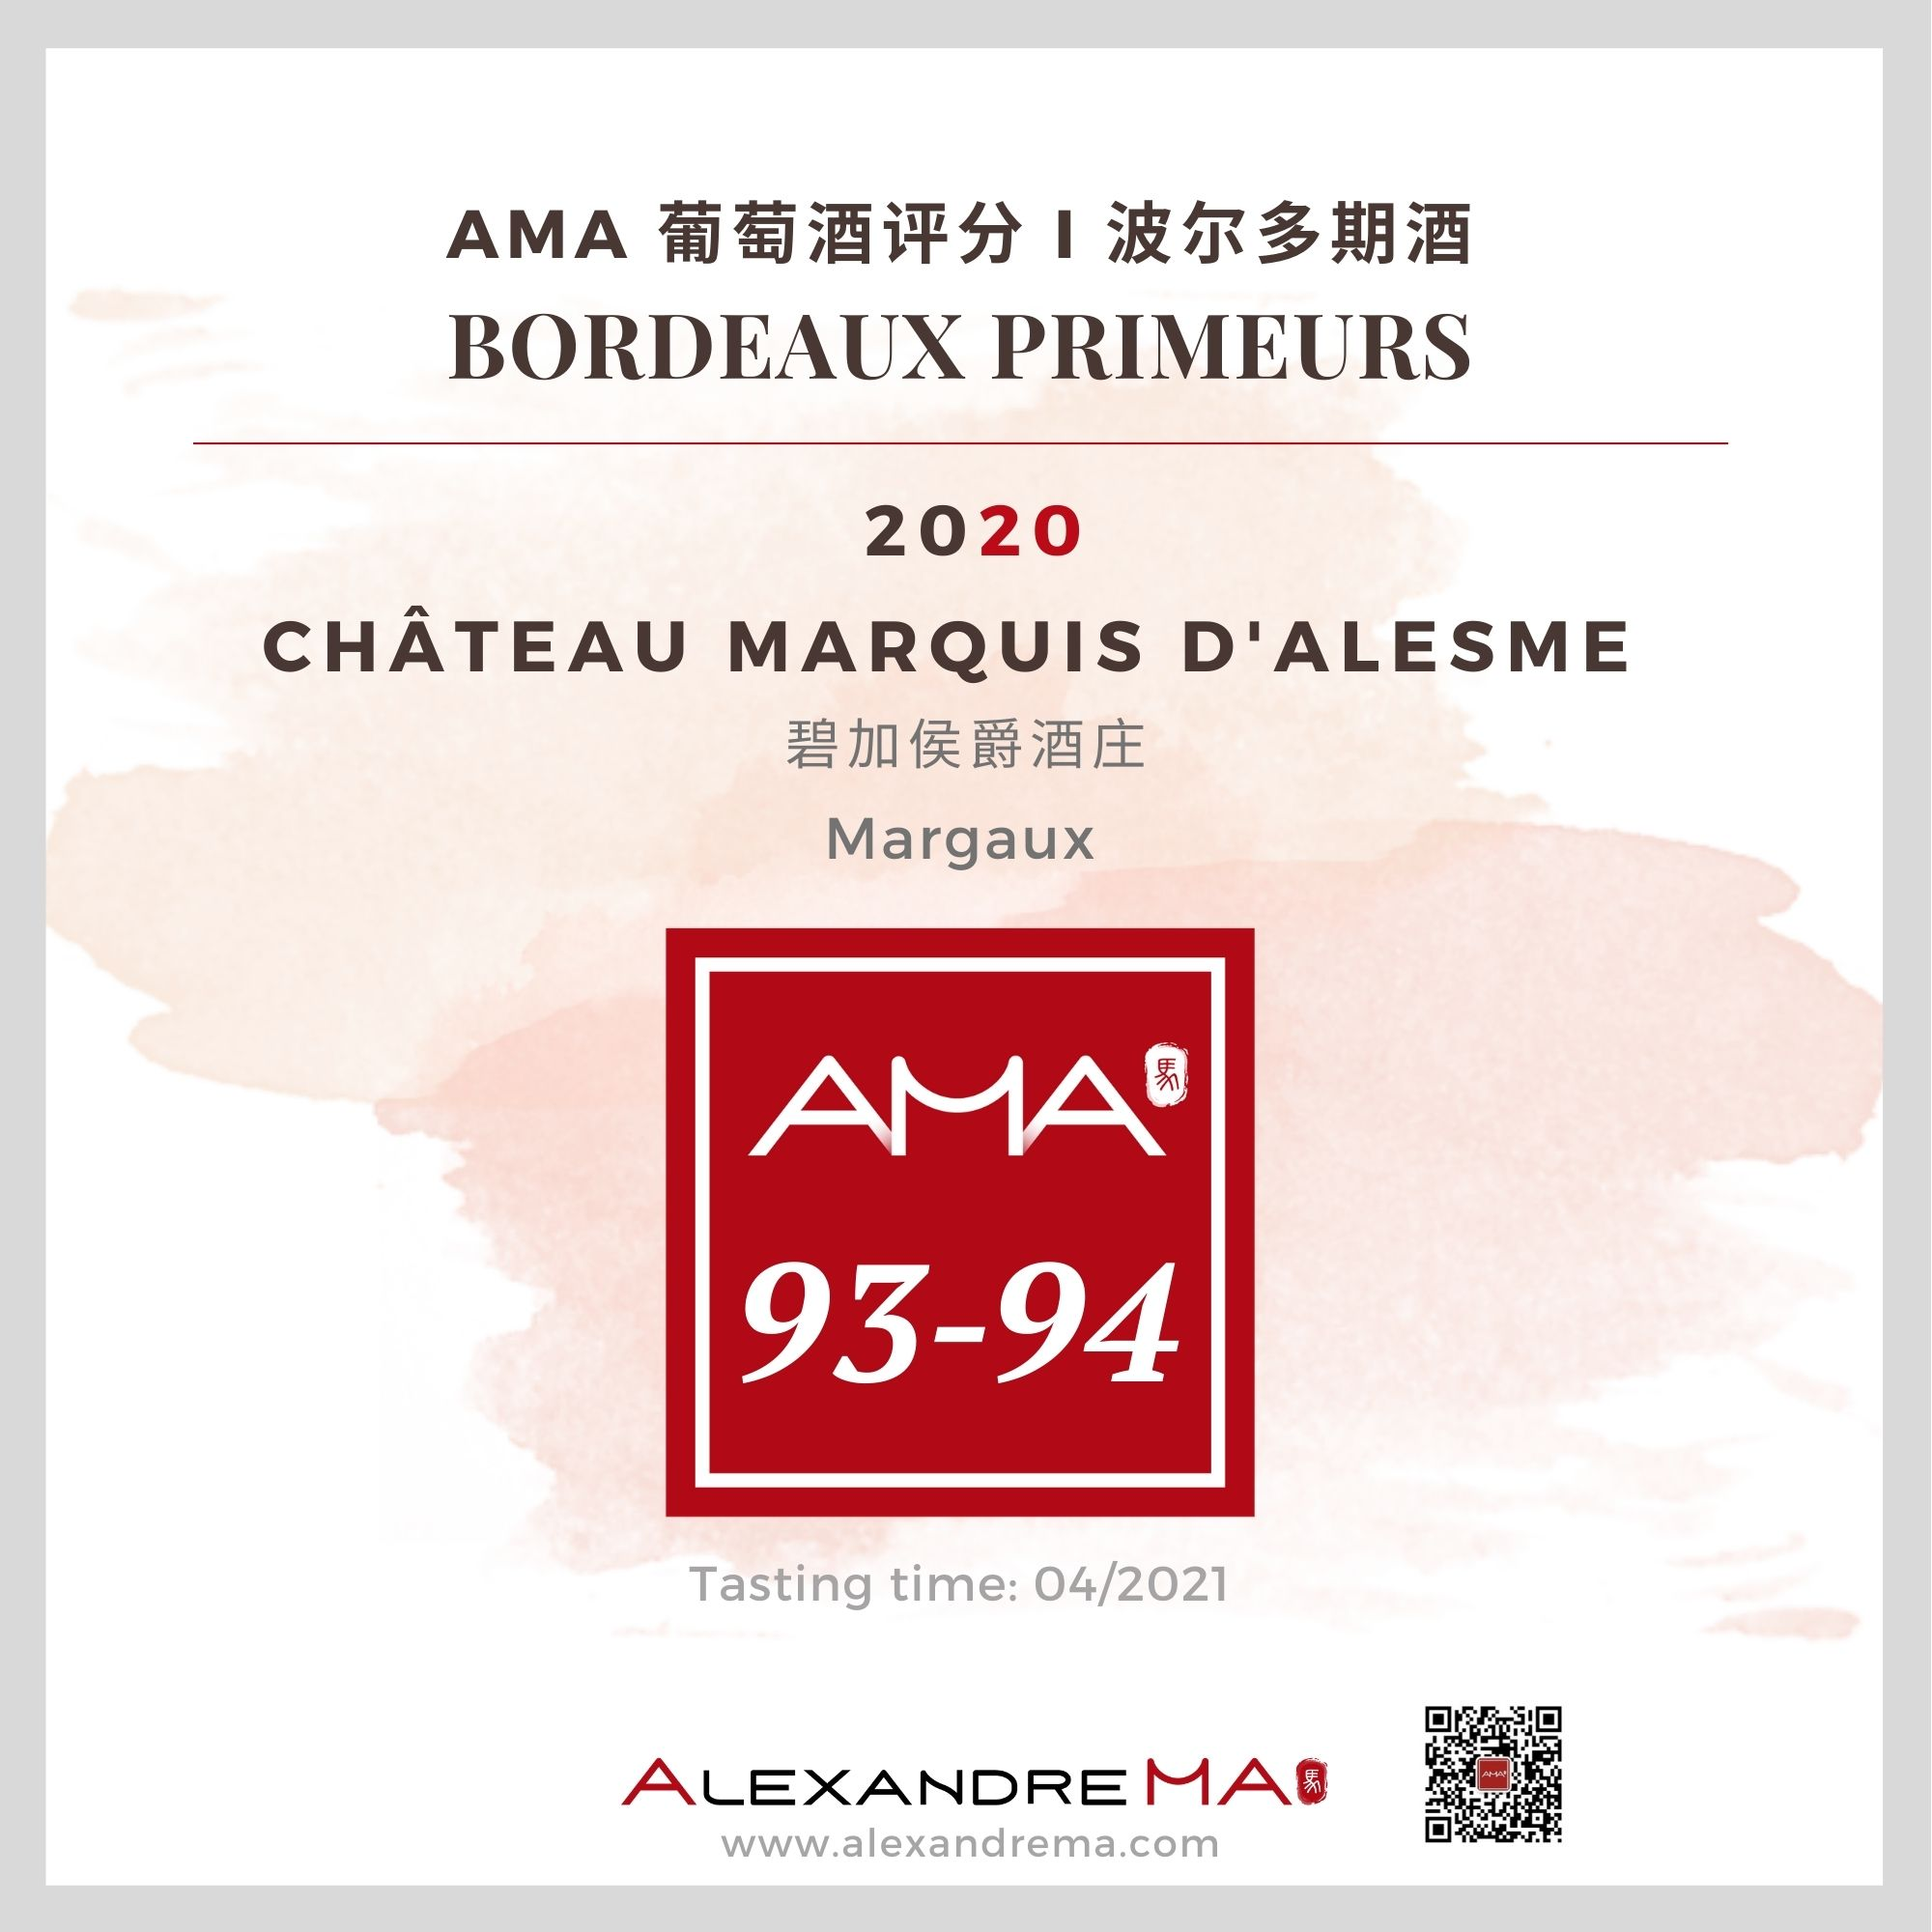 Château Marquis d'Alesme 2020 - Alexandre MA